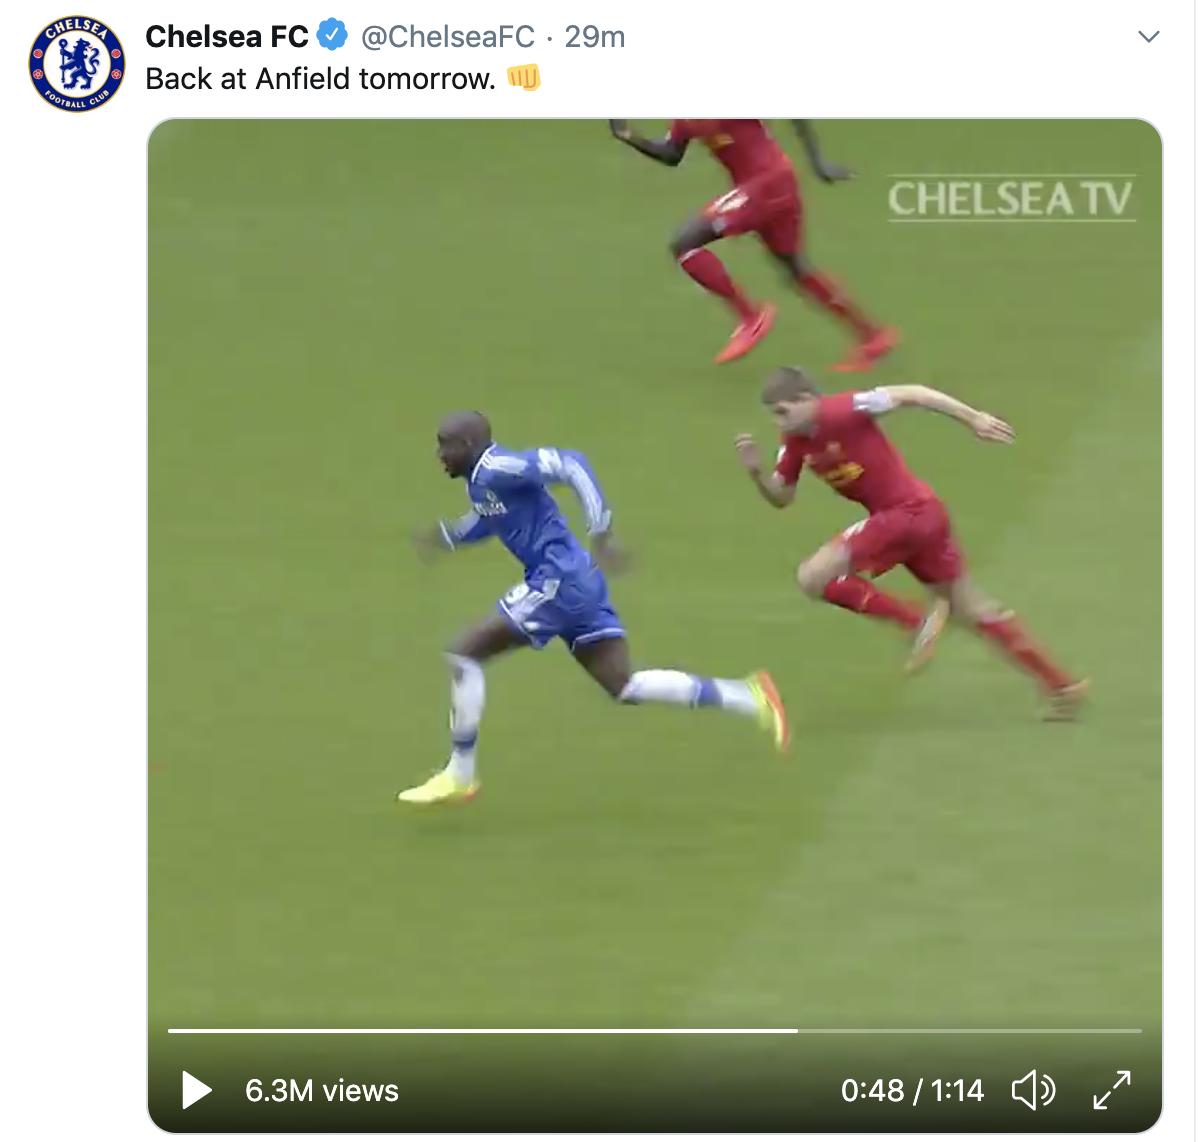 Liverpool vs Chelsea Đội khách nhắc lại cú ngã của Gerrard hình ảnh